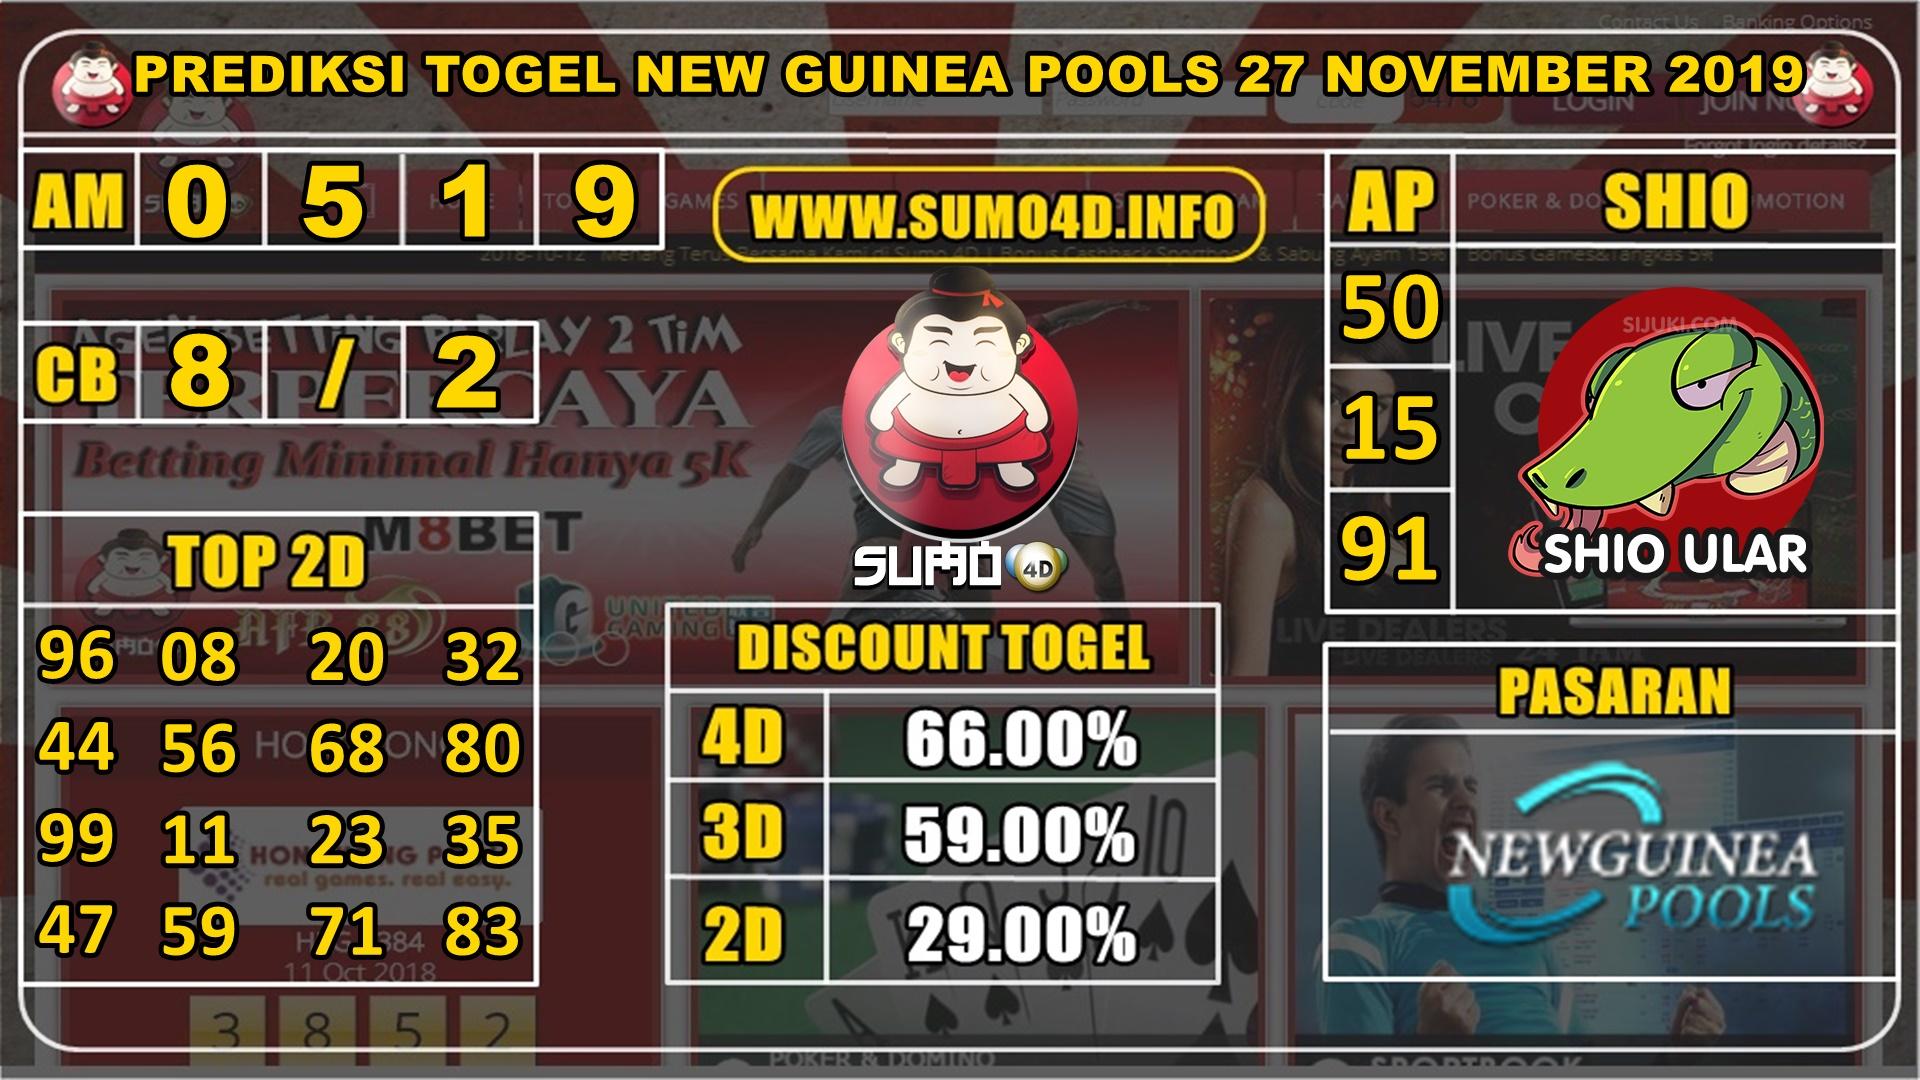 PREDIKSI TOGEL NEW GUINEA POOLS 27 NOVEMBER 2019